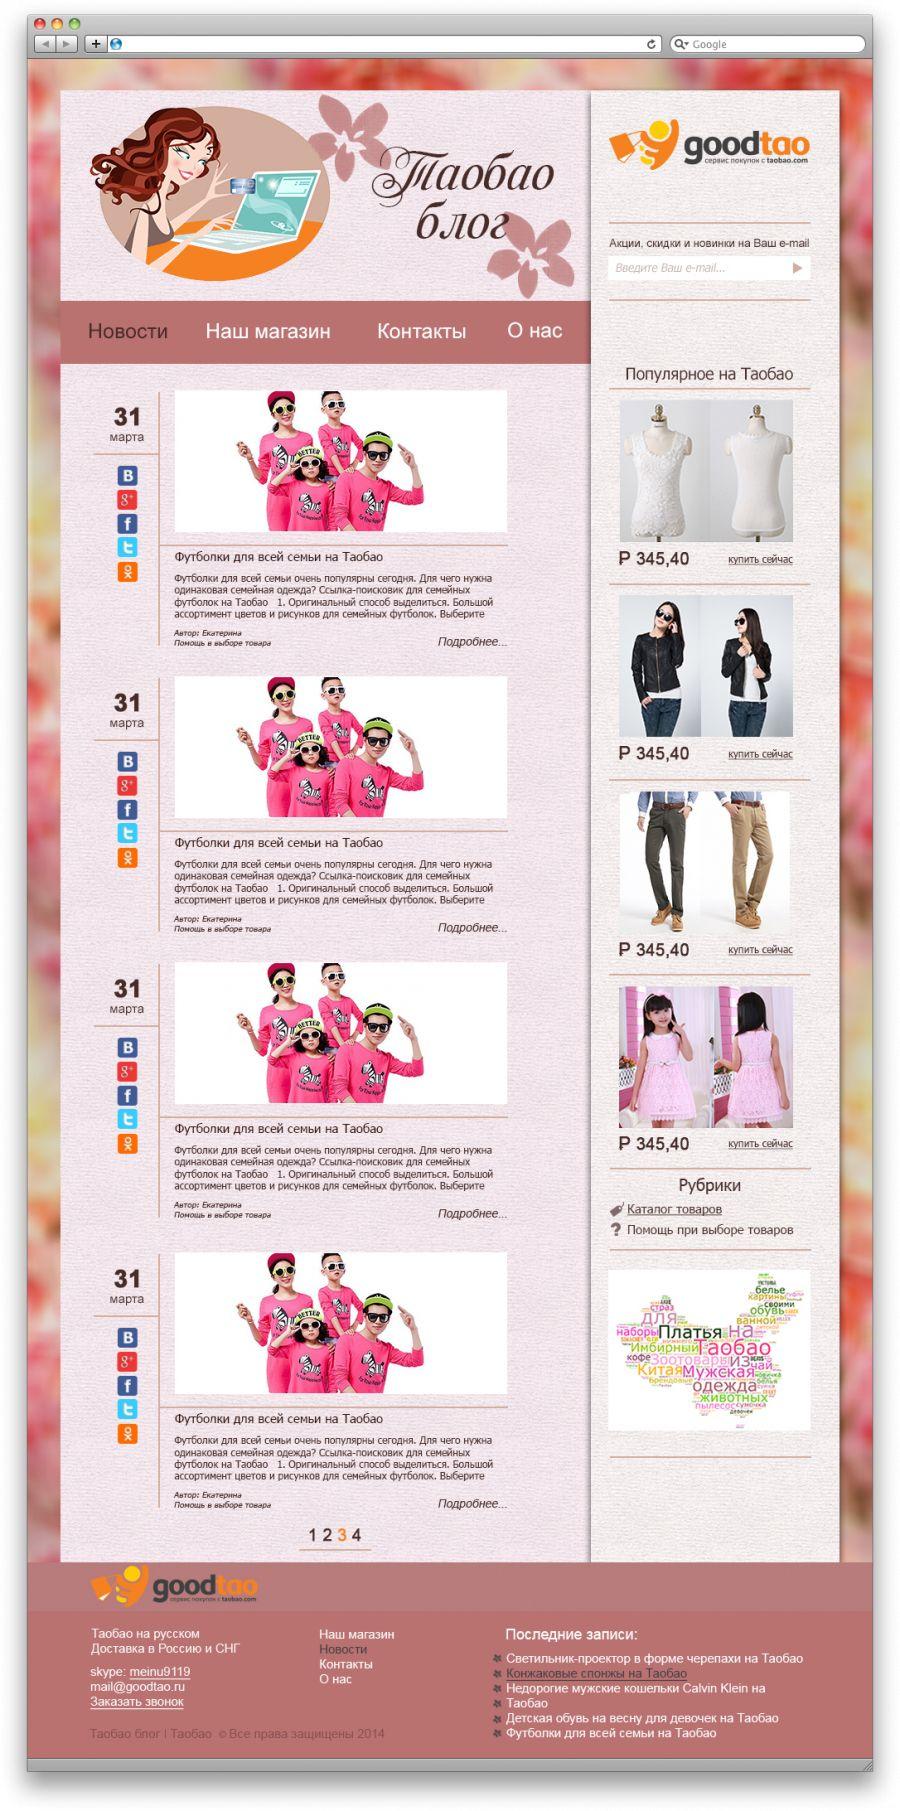 Дизайн для блога - дизайнер Marlya